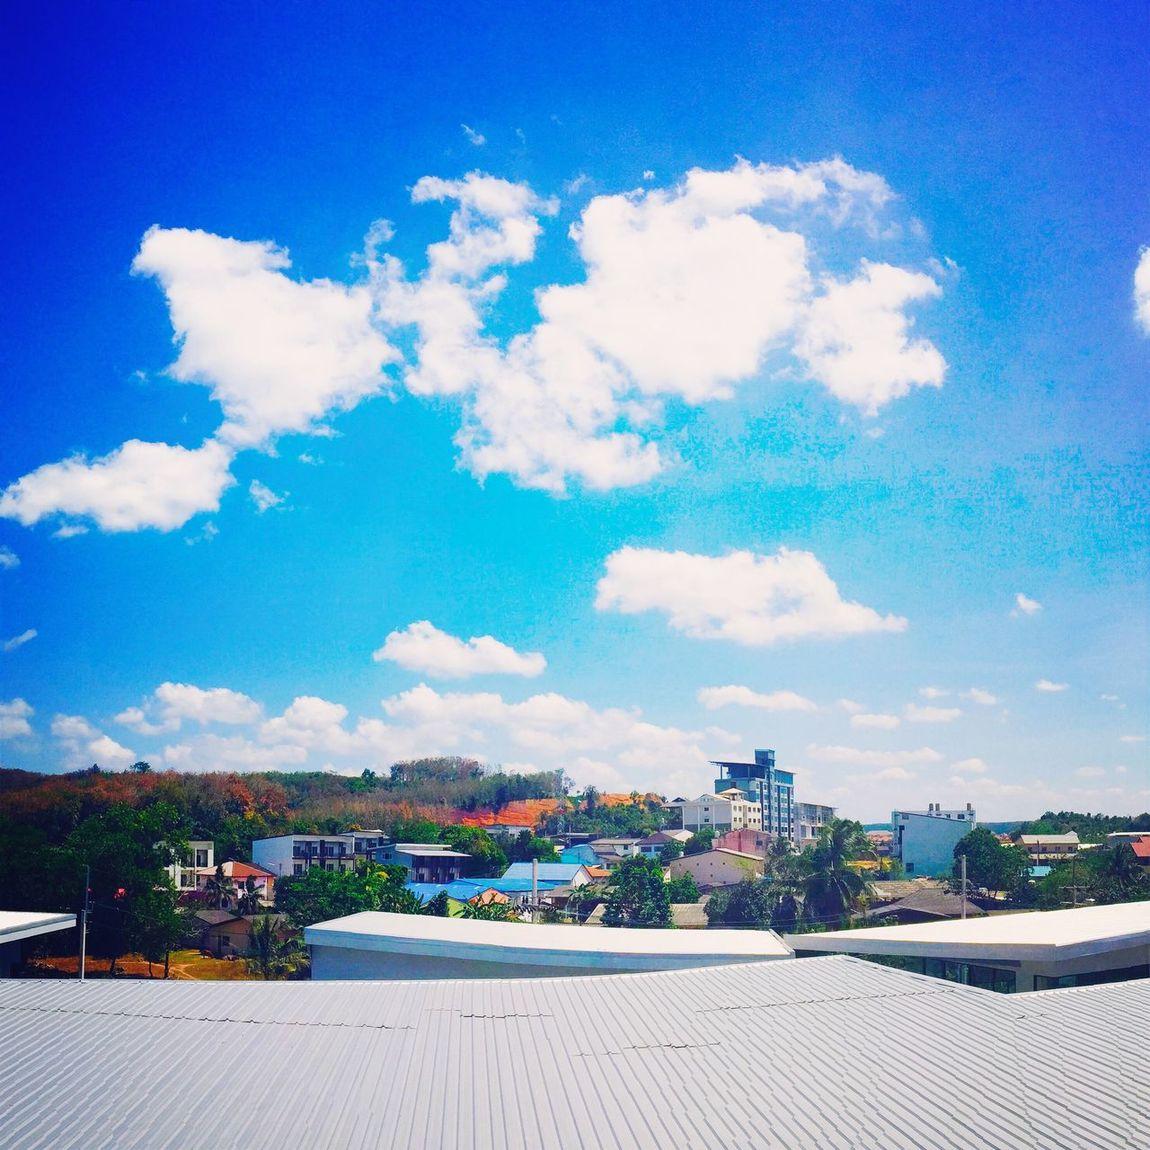 ท้องฟ้าสดใส ร้อนเชี่ยยยย